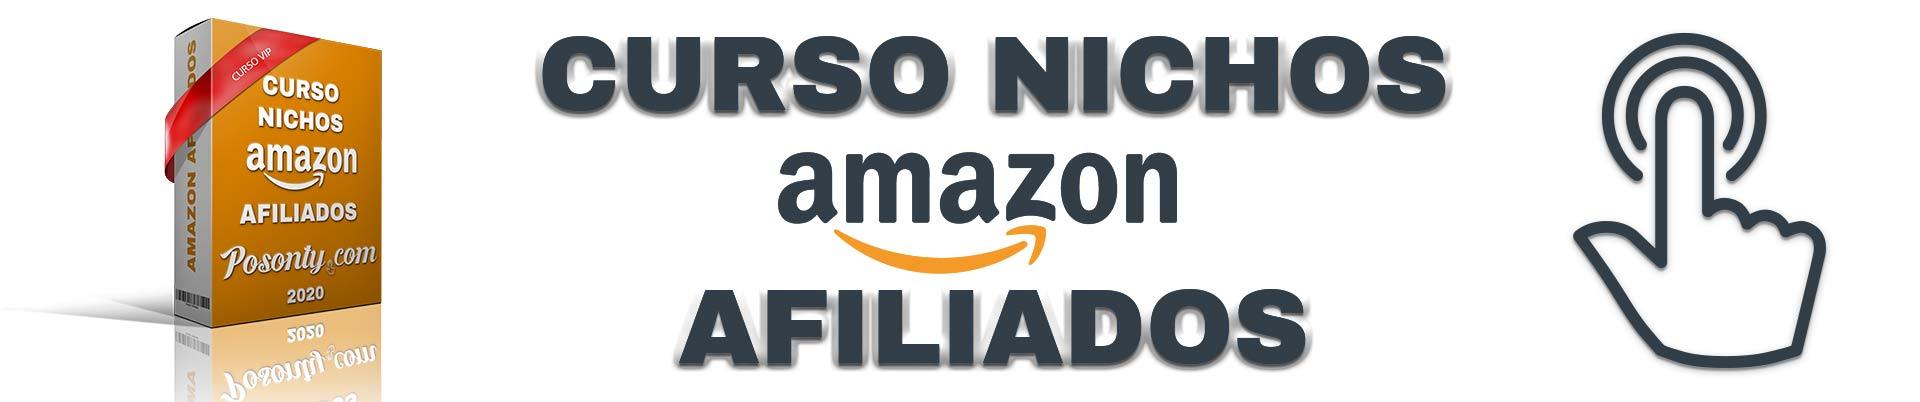 Curso-nichos-Amazon-Afiliados-posonty